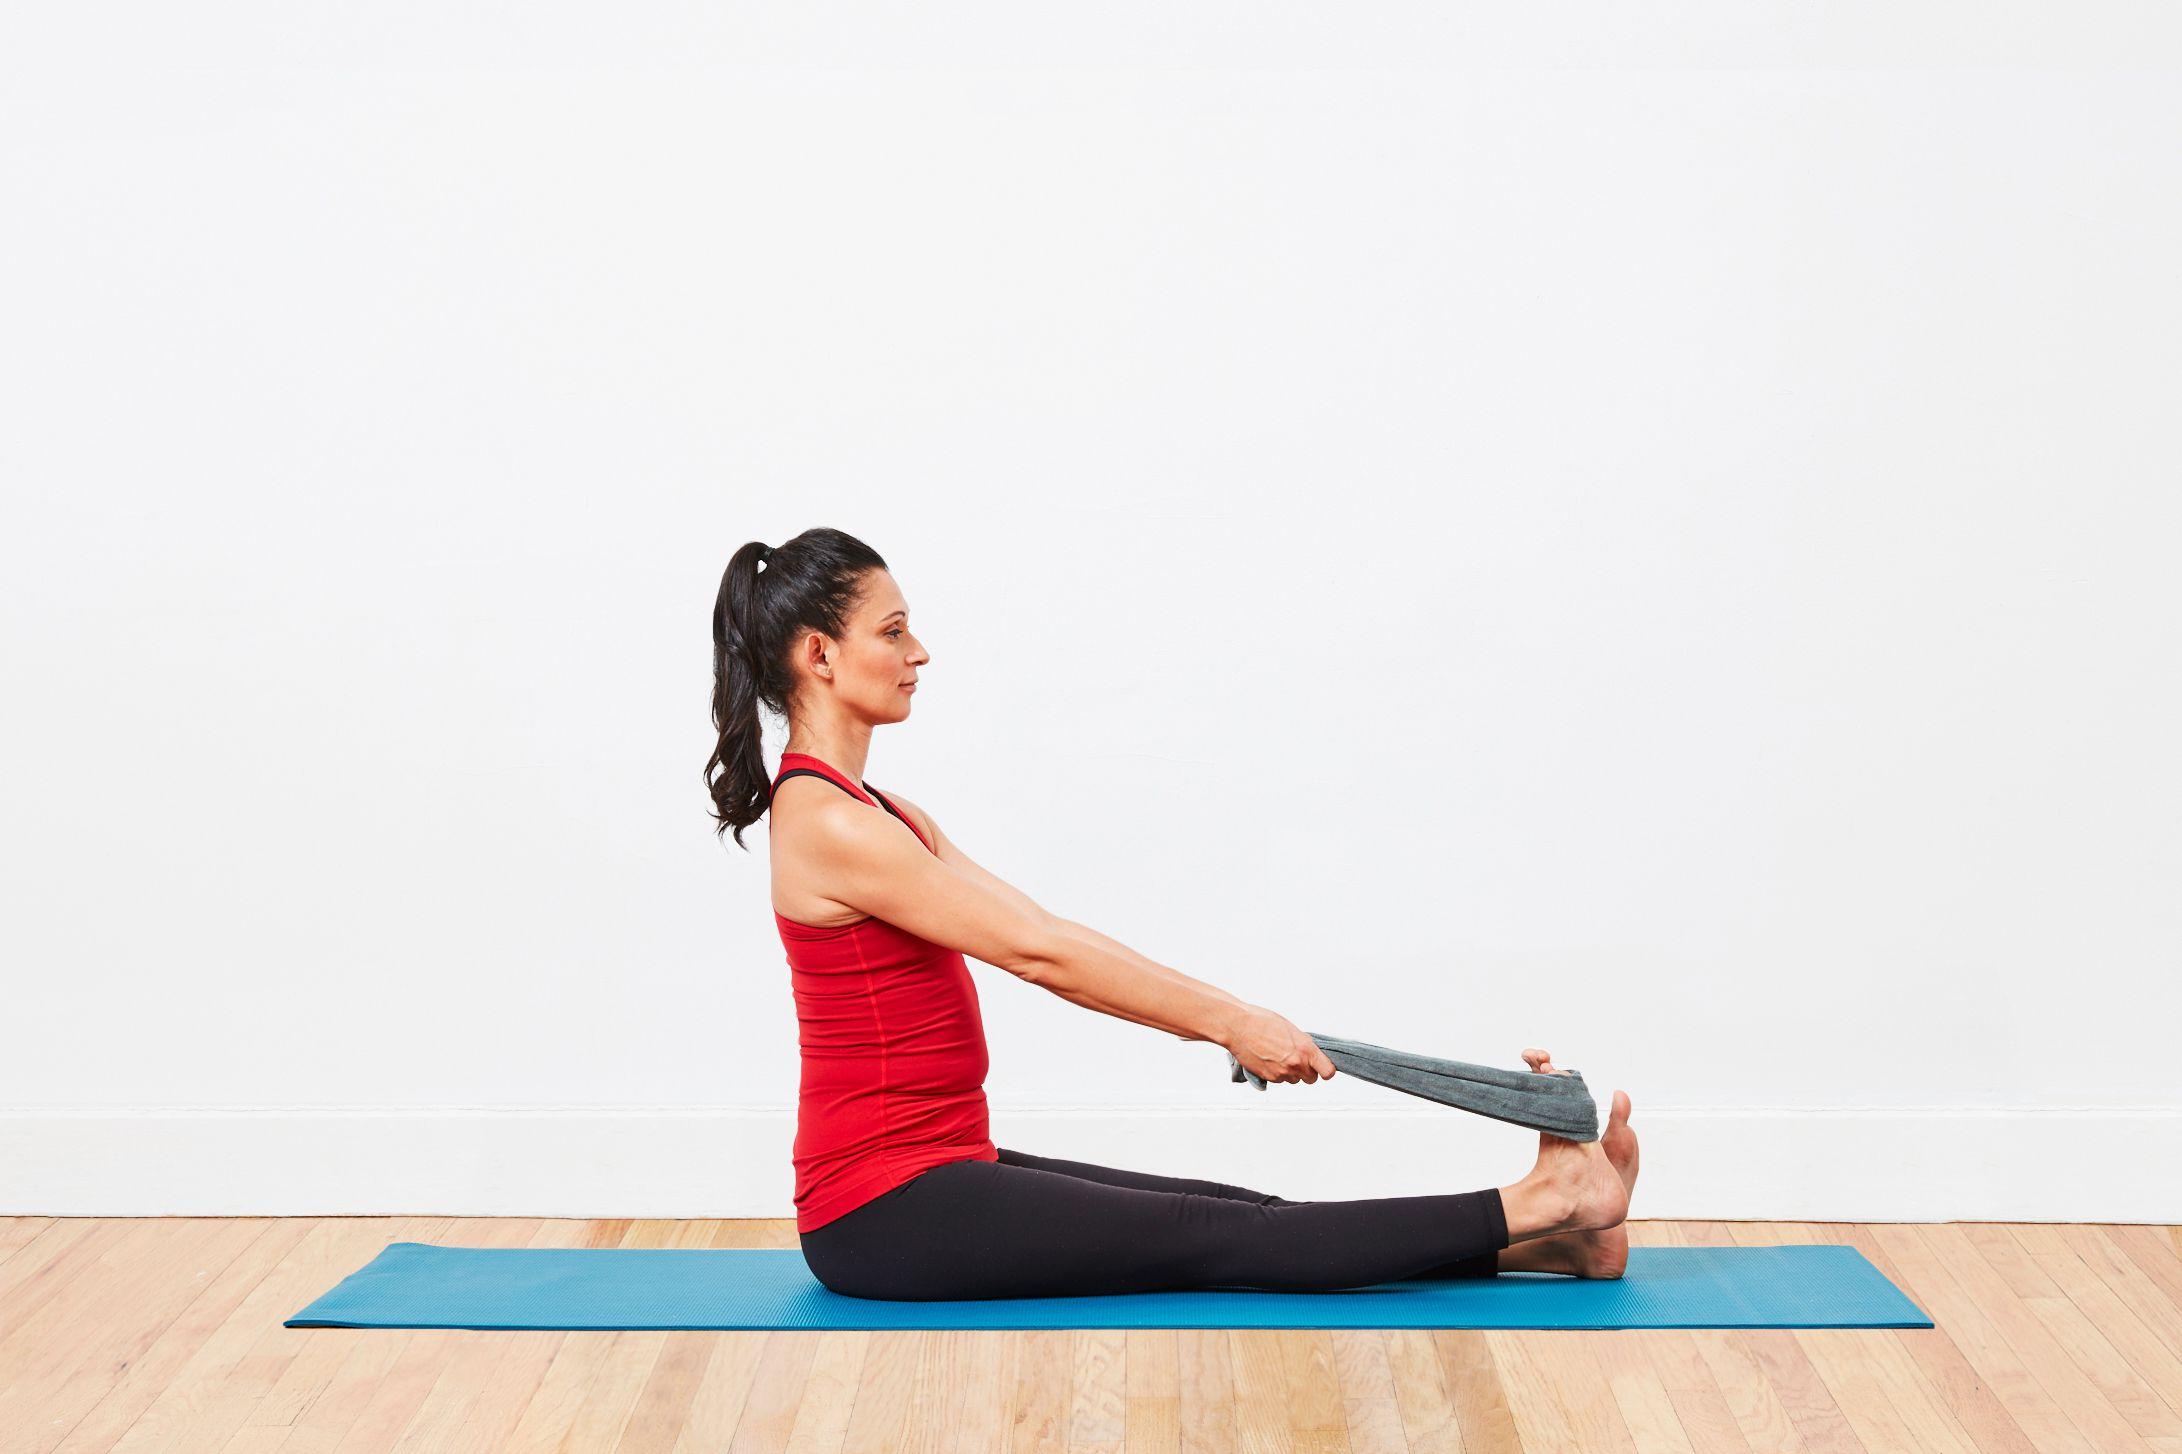 Seated Calf Stretch